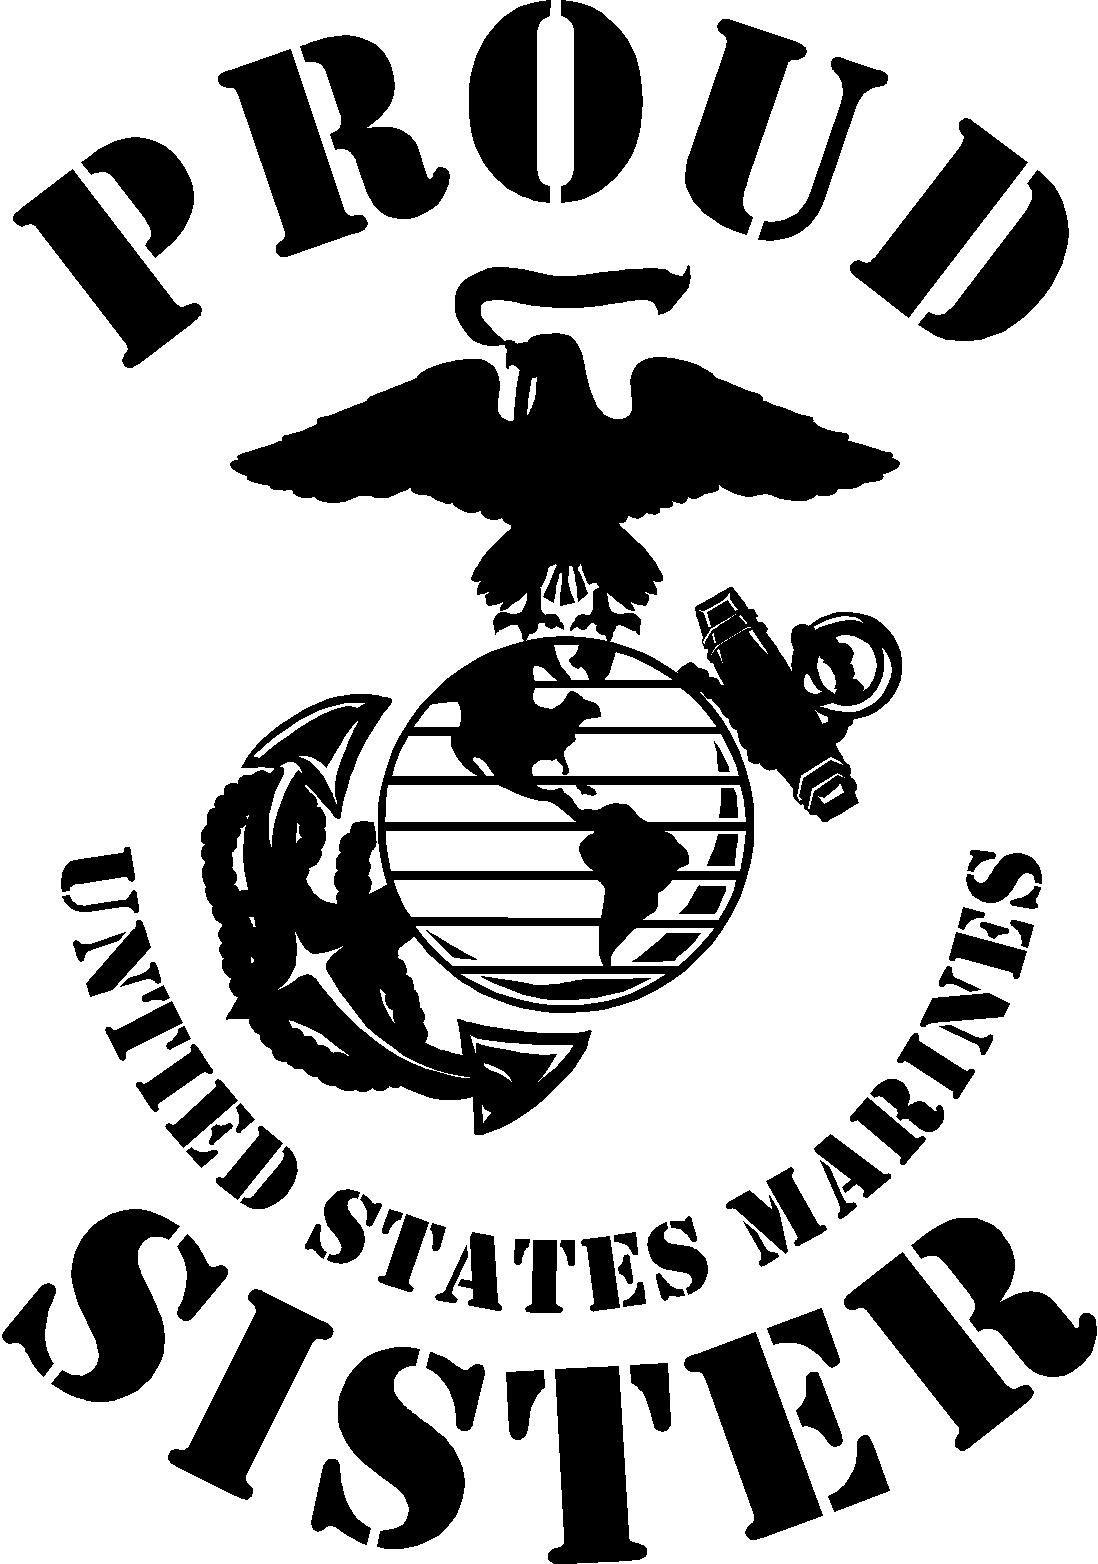 Proud Sister Of A Us Marine Us Marines Marine Sister Us